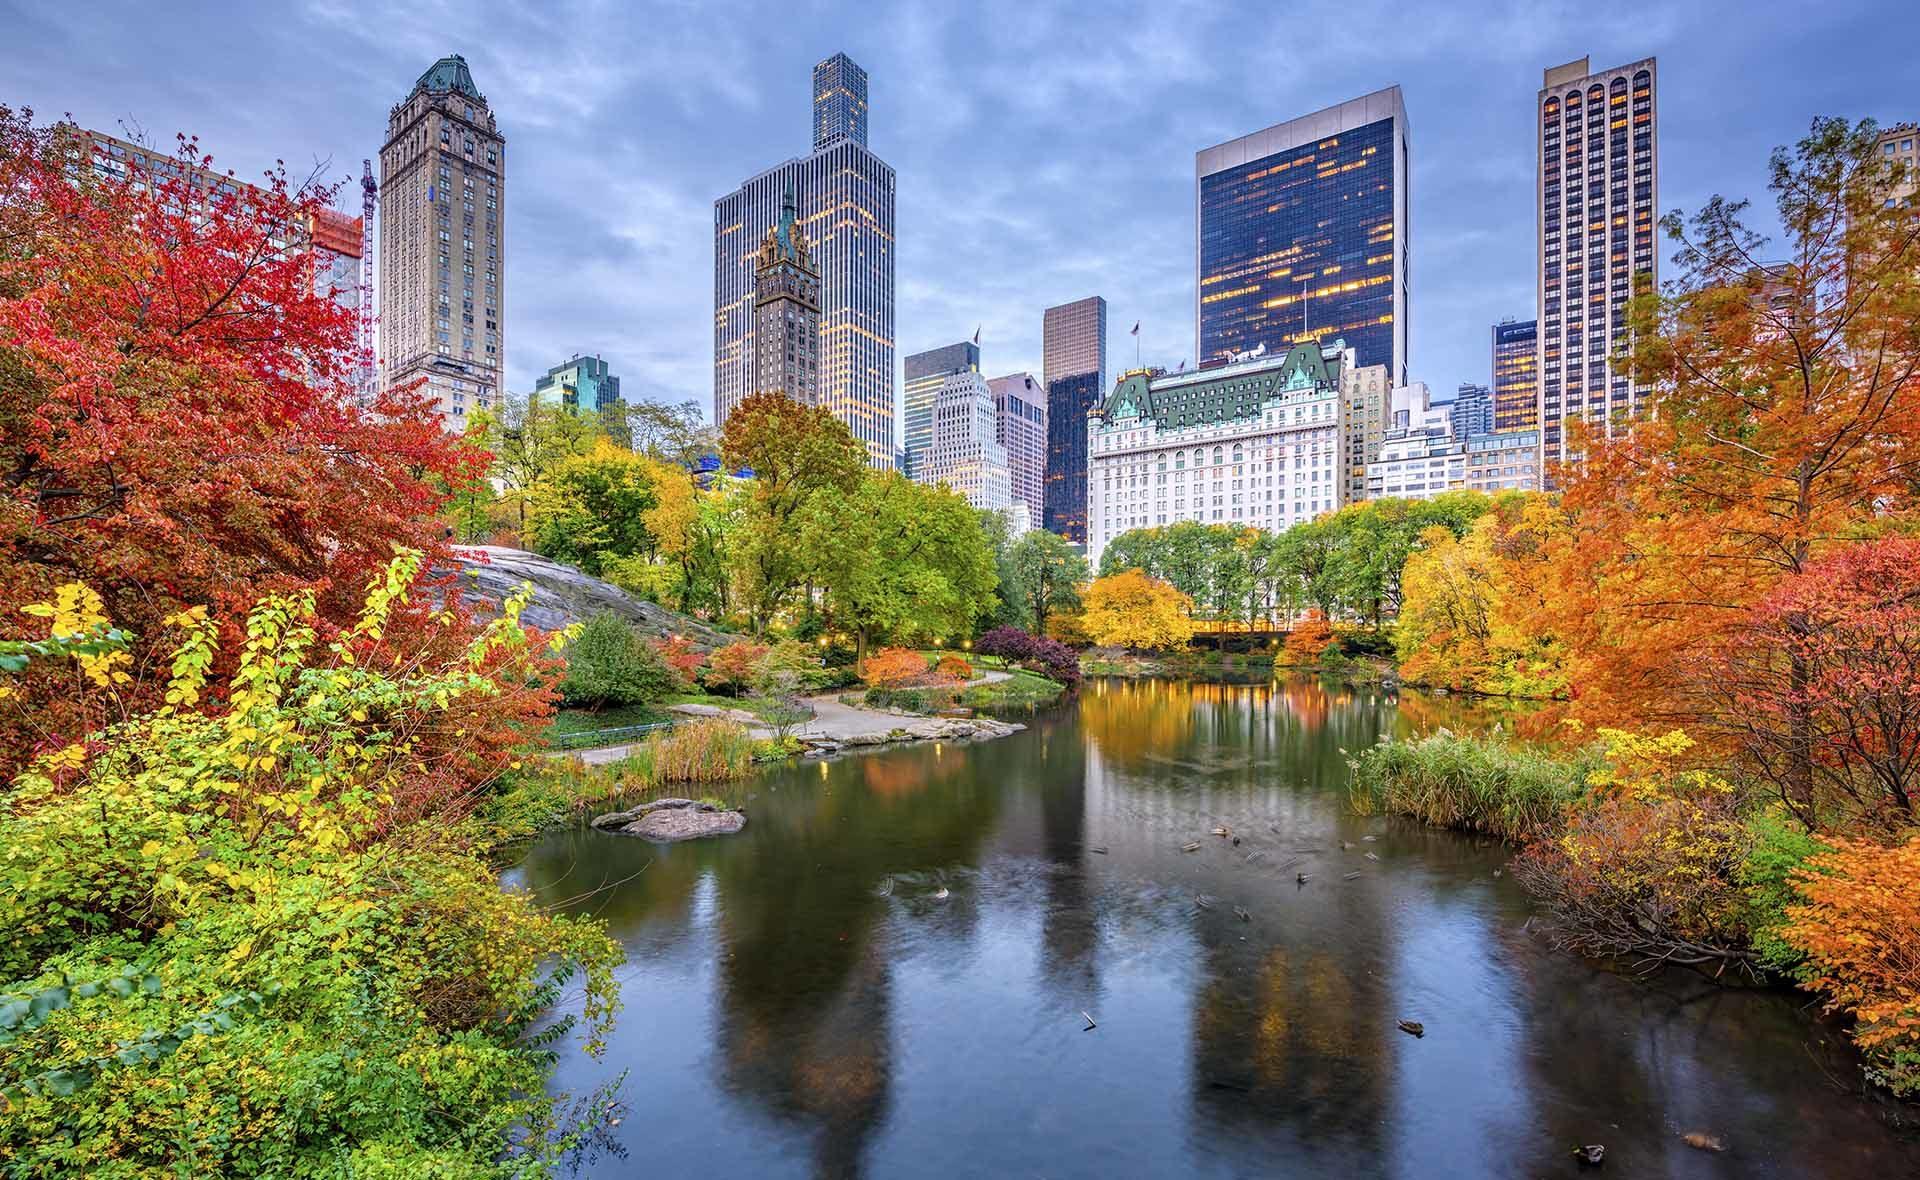 Fotografía de Ciudad, bosque, árboles, otoño, NY, edificios, agua, lago